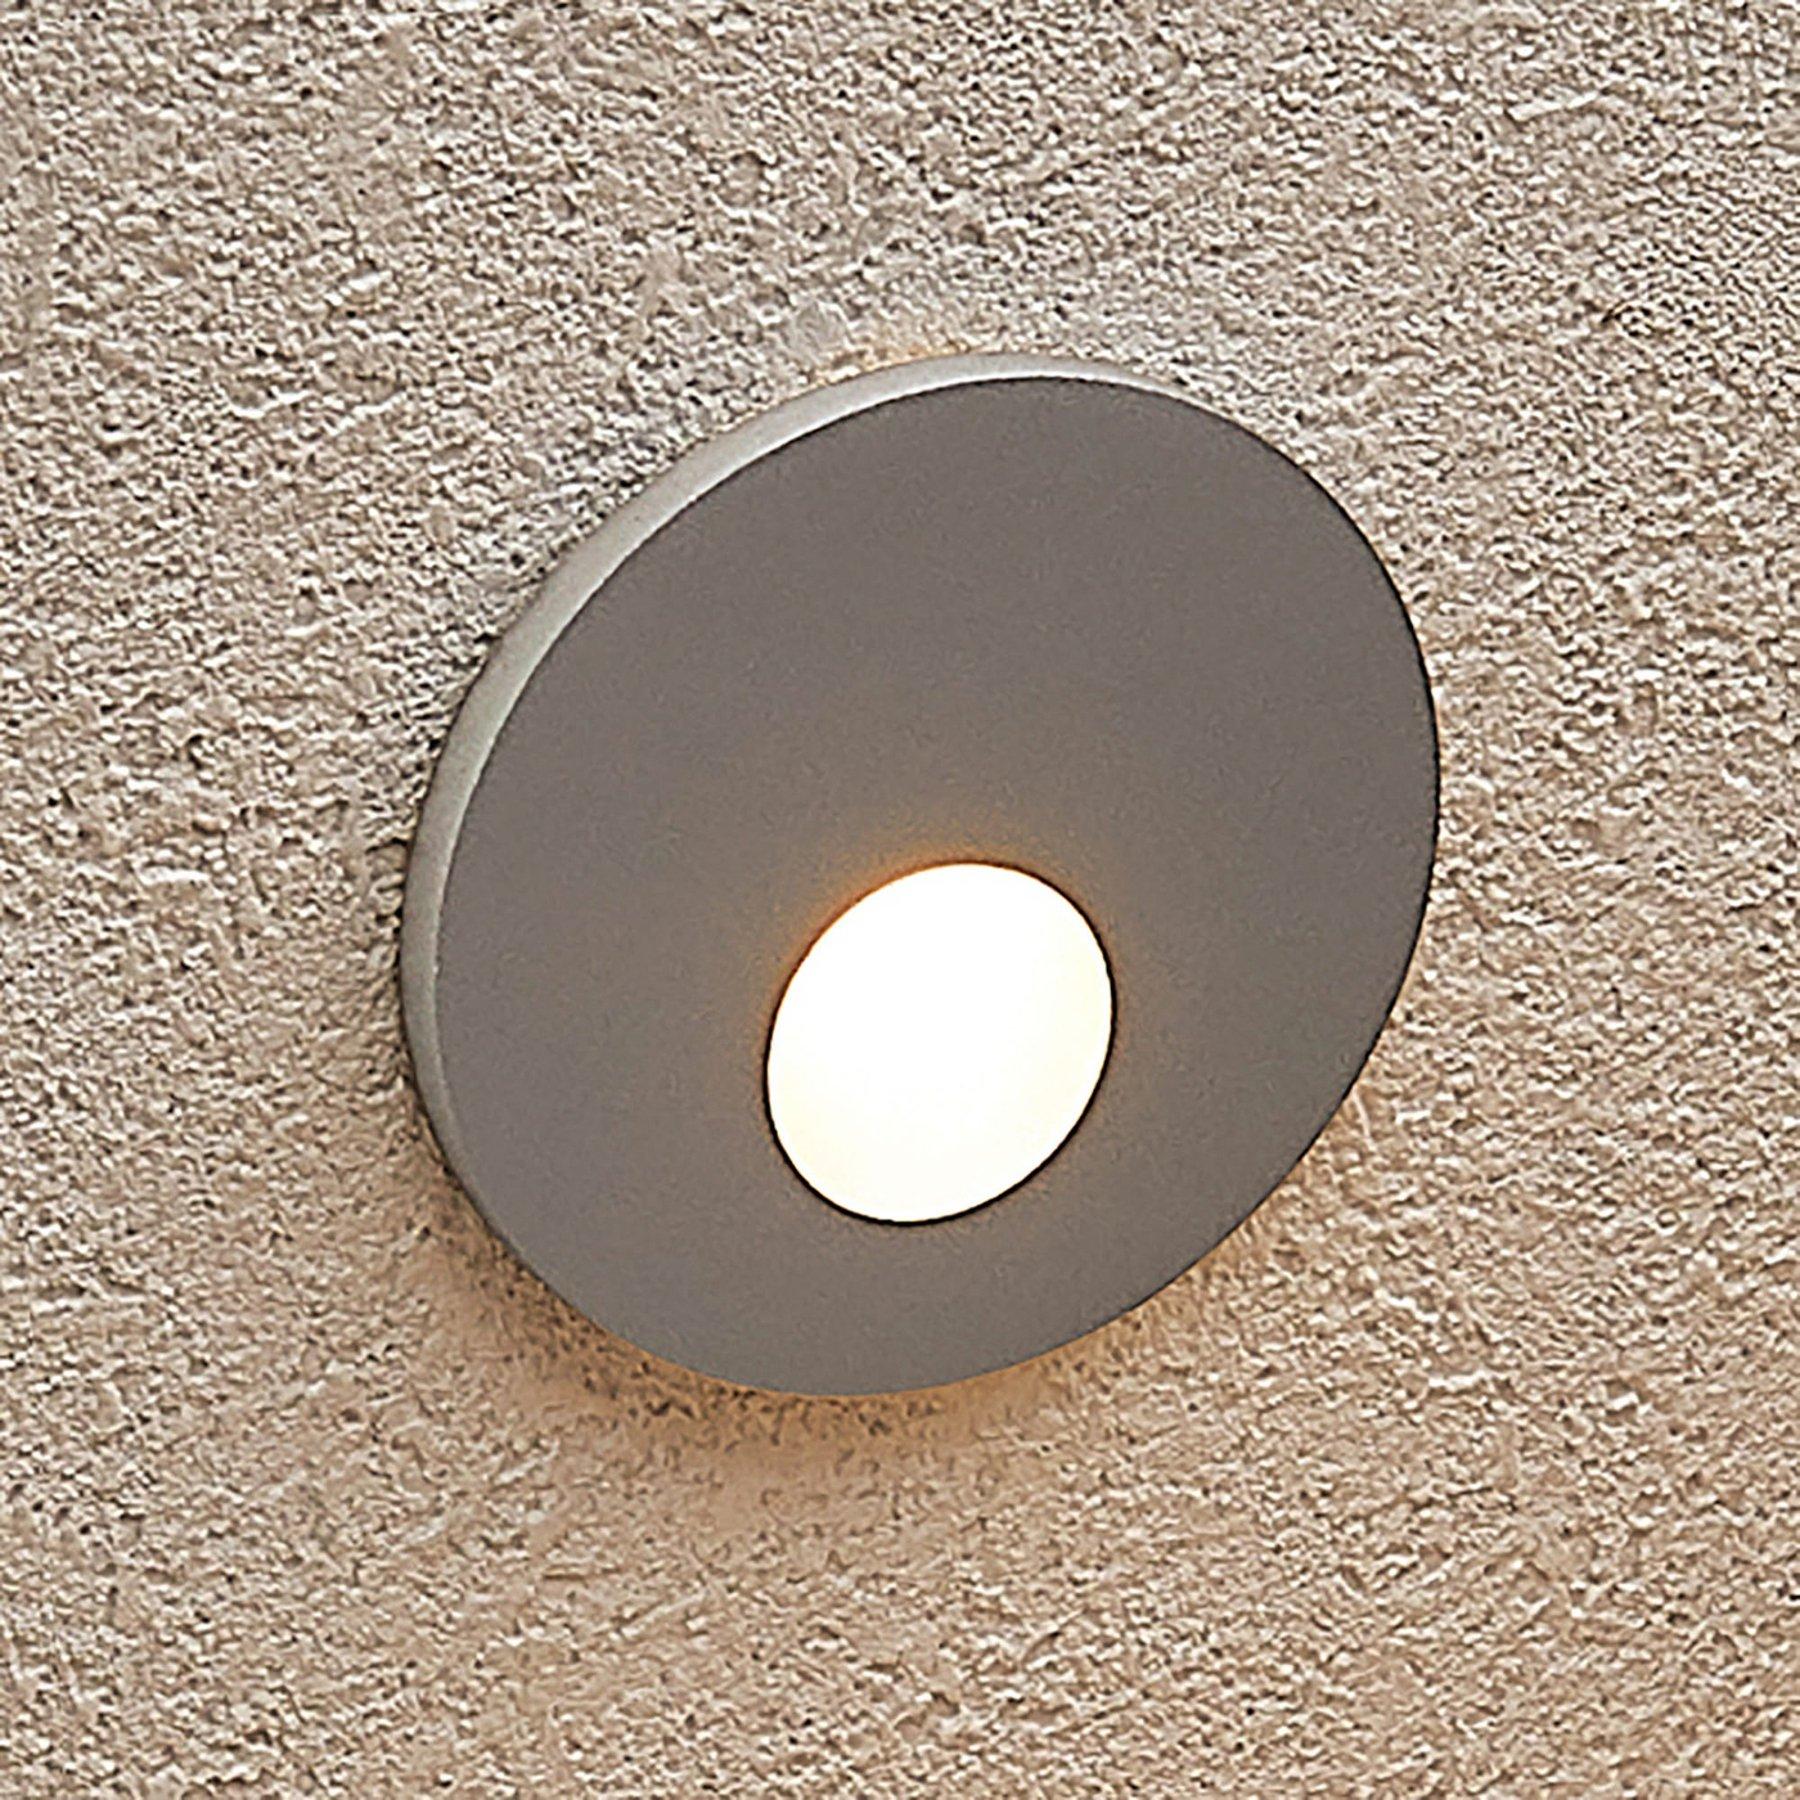 Arcchio Vexi LED-innfellingslampe, rund, sølv